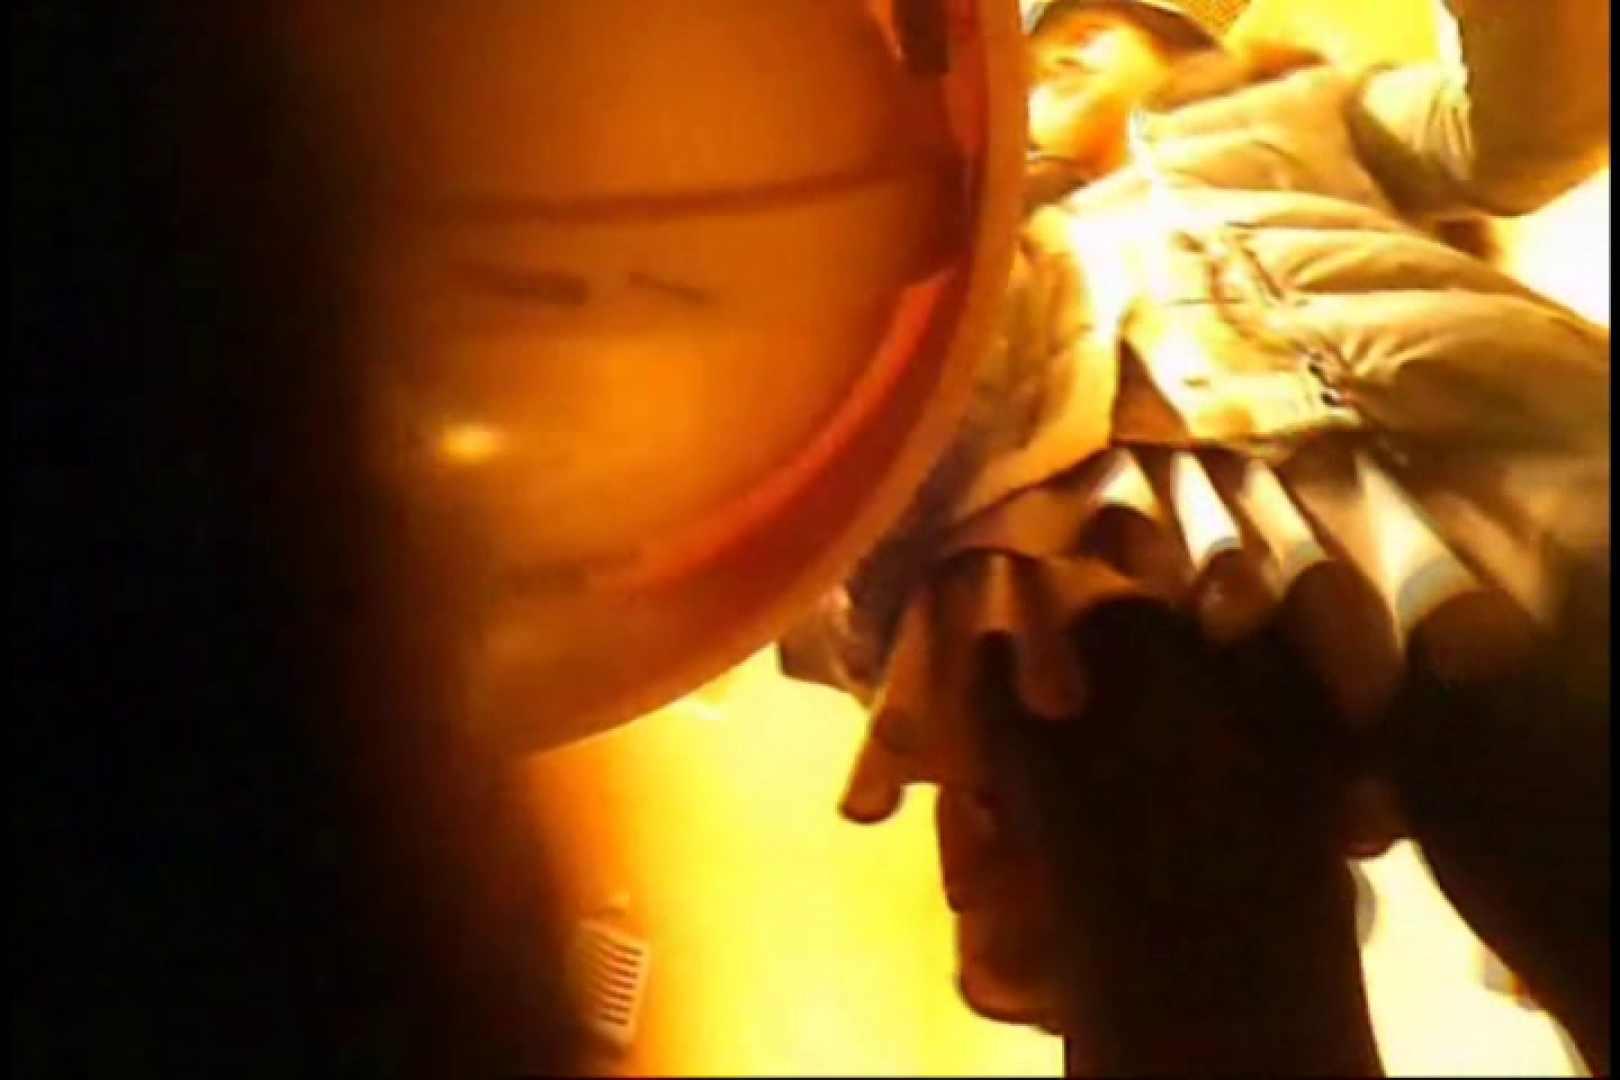 潜入!!女子化粧室盗撮~絶対見られたくない時間~vo,4 潜入突撃 AV無料動画キャプチャ 102pic 95